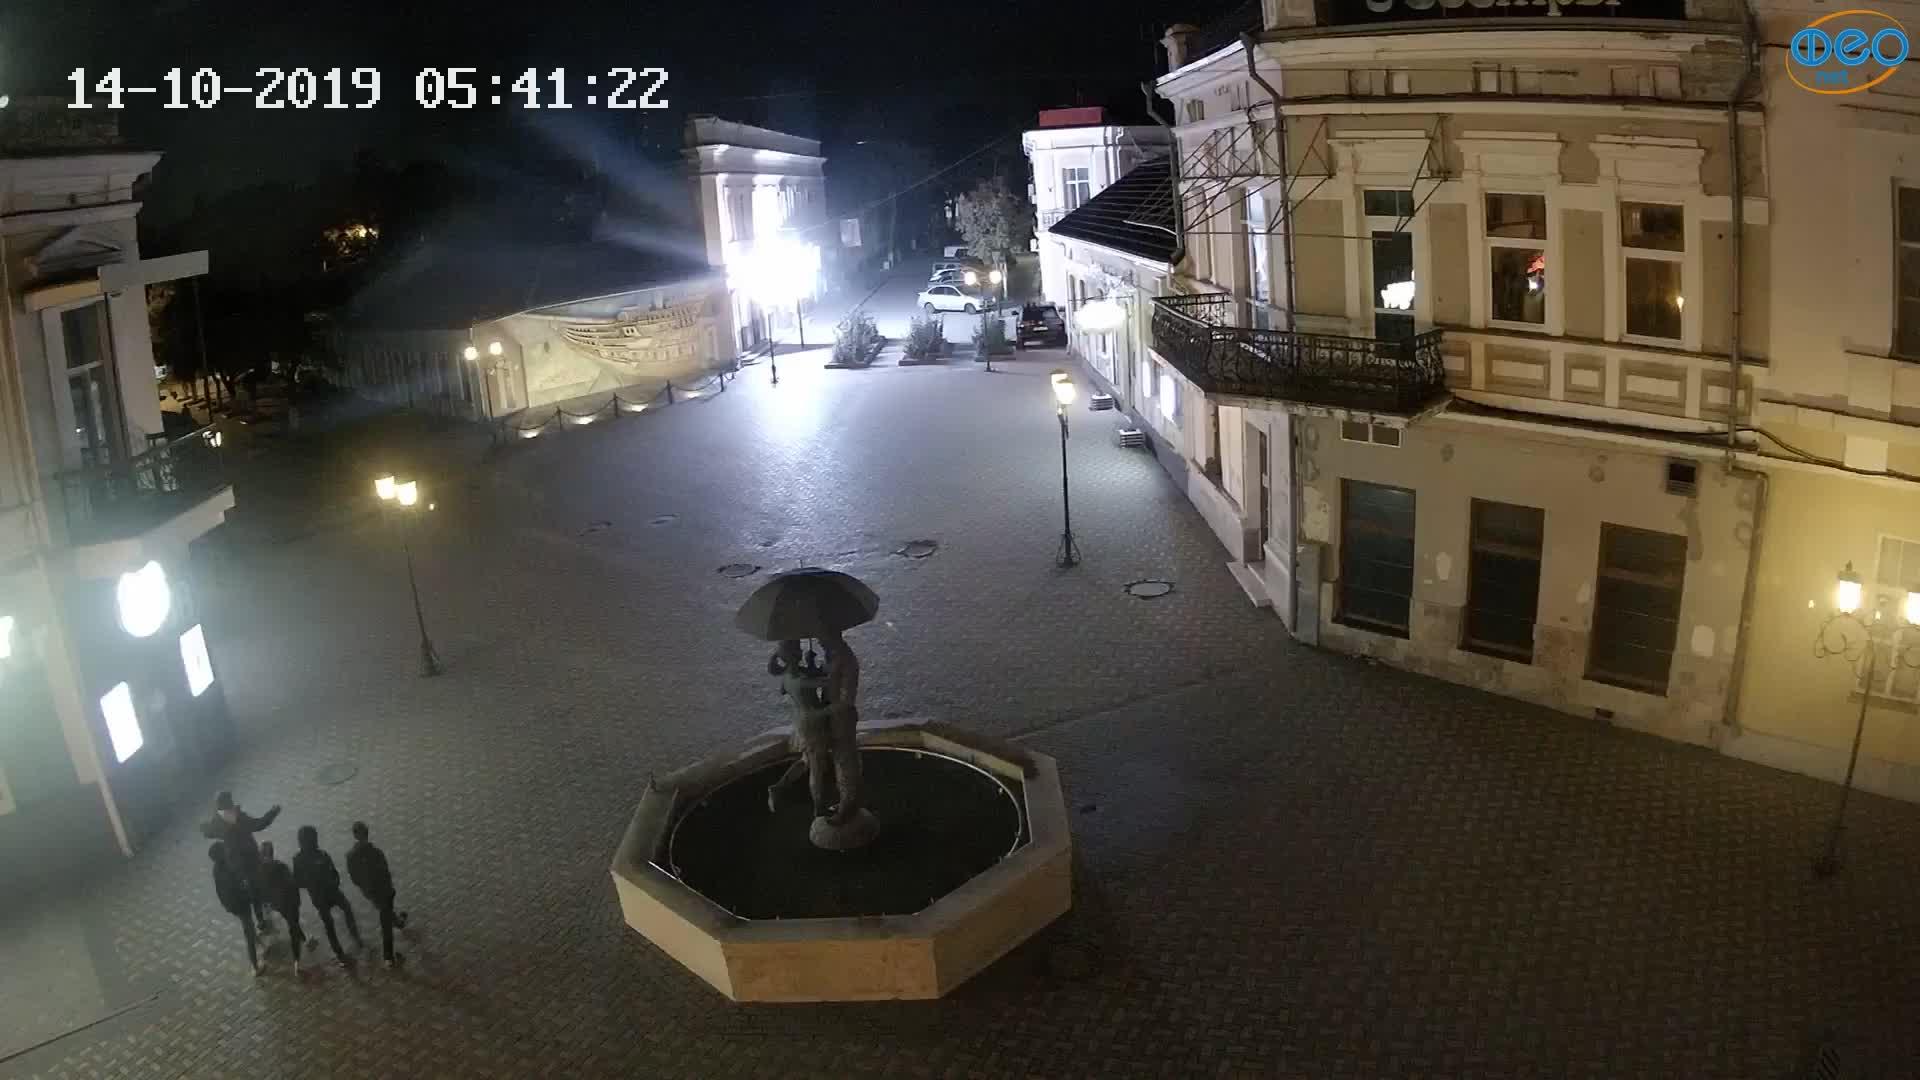 Веб-камеры Феодосии, Панно Бригантина (Камера со звуком.), 2019-10-14 05:43:10